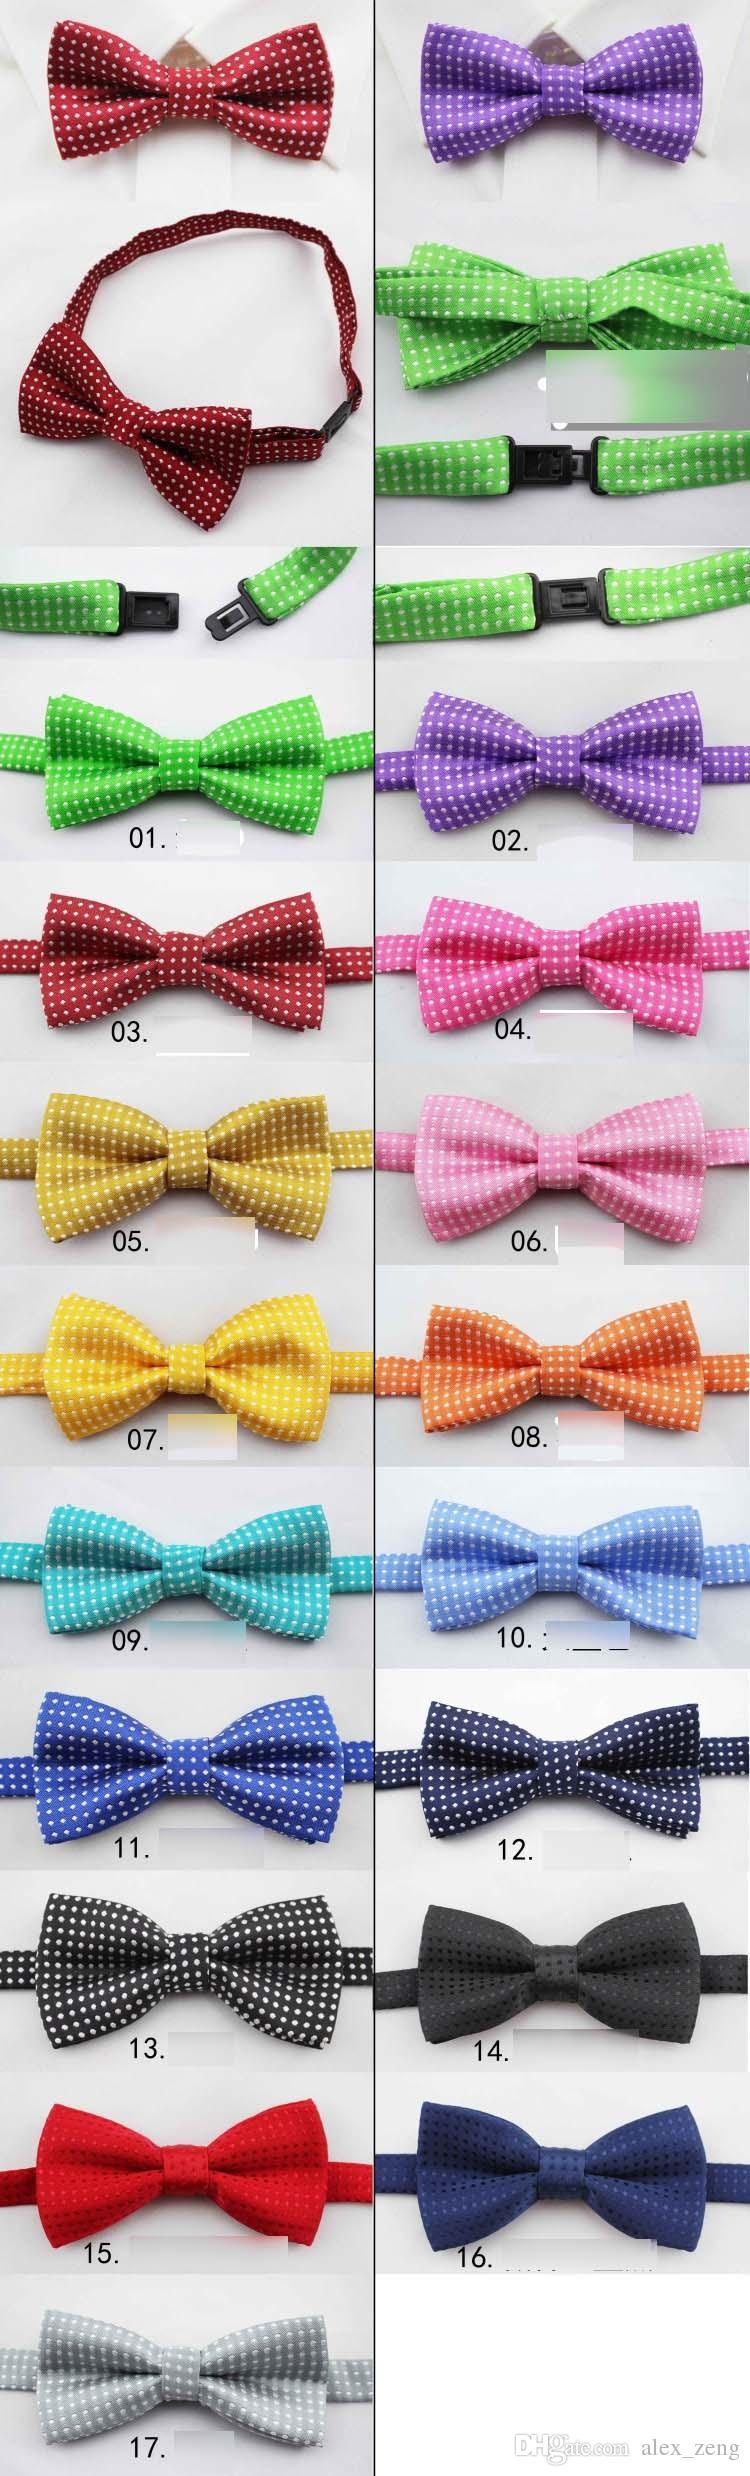 18 색상 New kids Bowties 넥타이 보우 타이 넥타이 보우 타이 보우 타이 넥타이 순수 색 bowtie 별 체크 폴카 도트 줄무늬 무료 배송